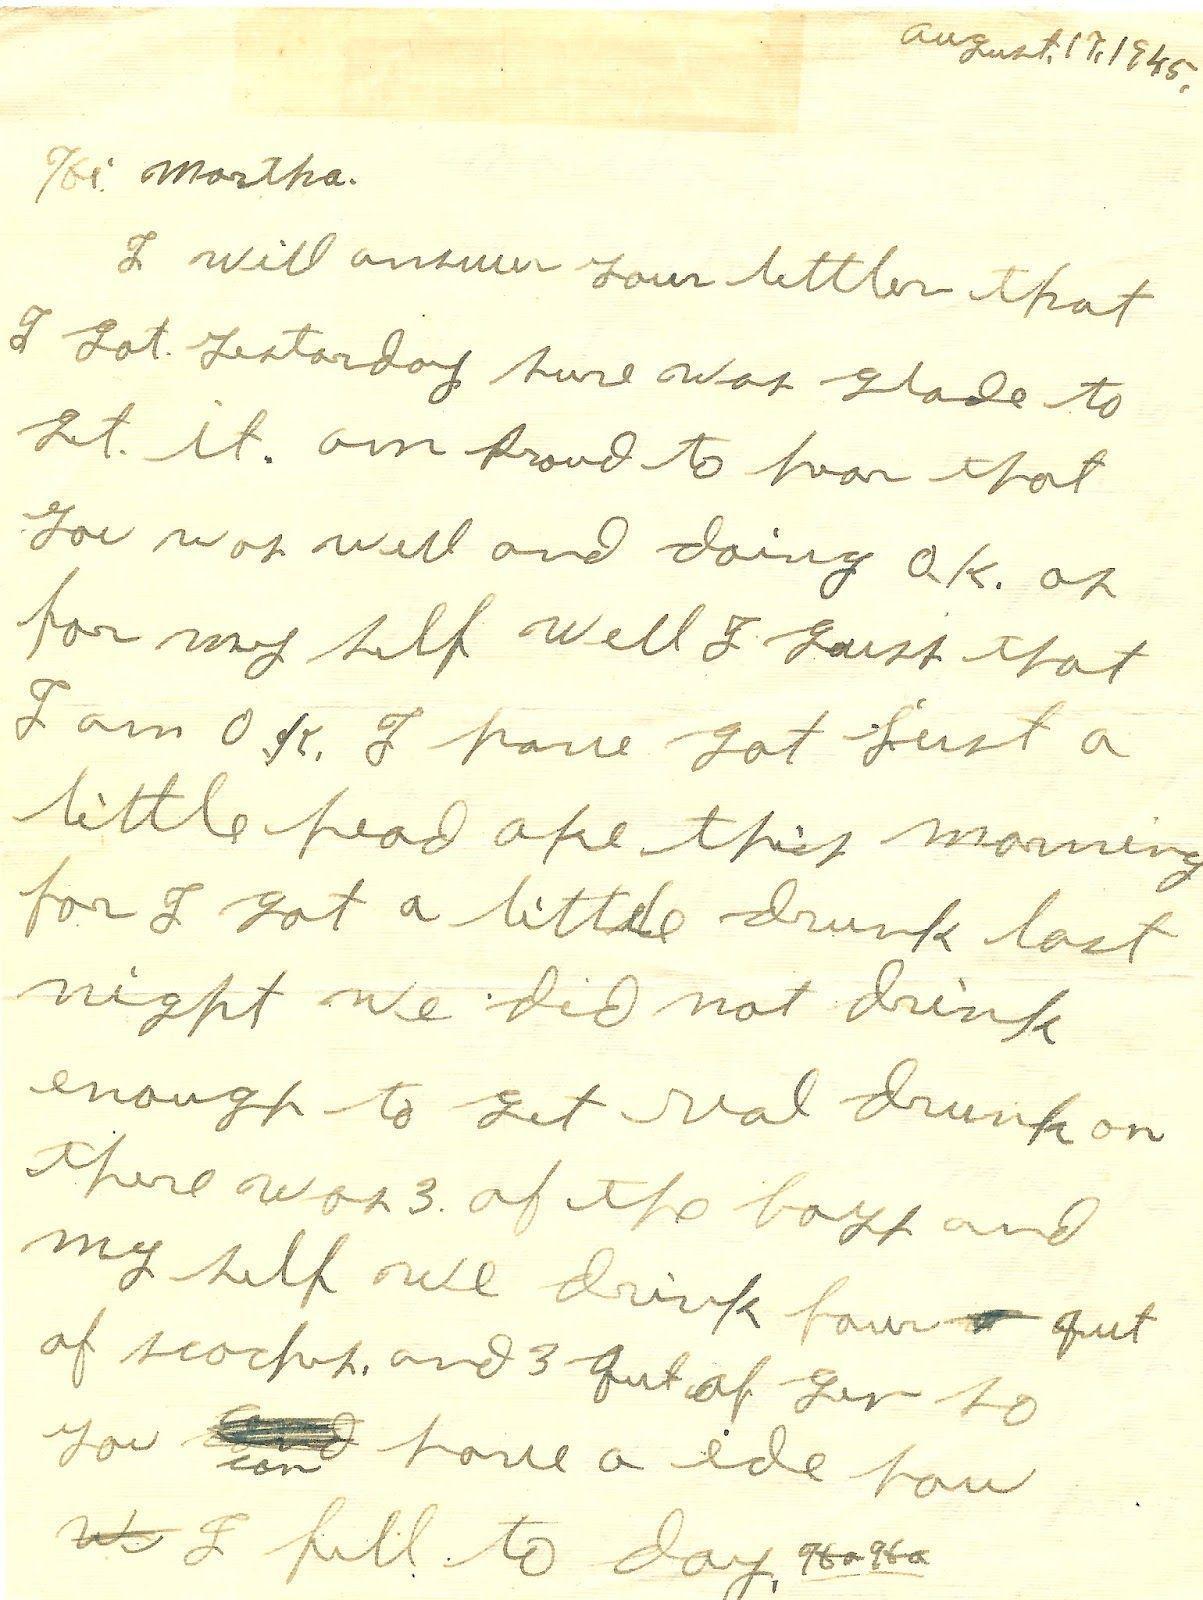 Dick holiman letter